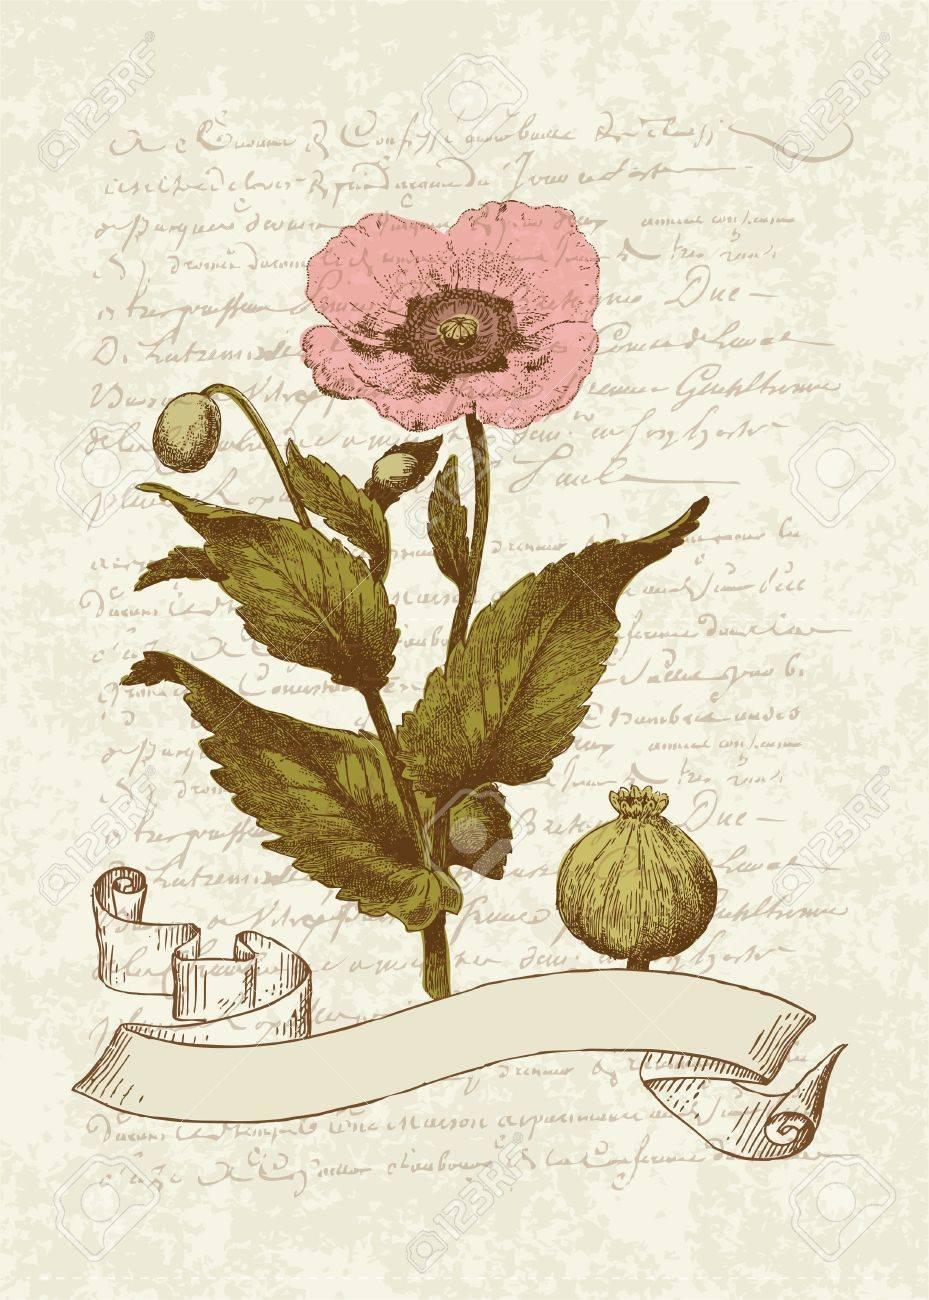 Vintage Karte Mit Poppy Flower For Invitation Grusse Gluckwunsche